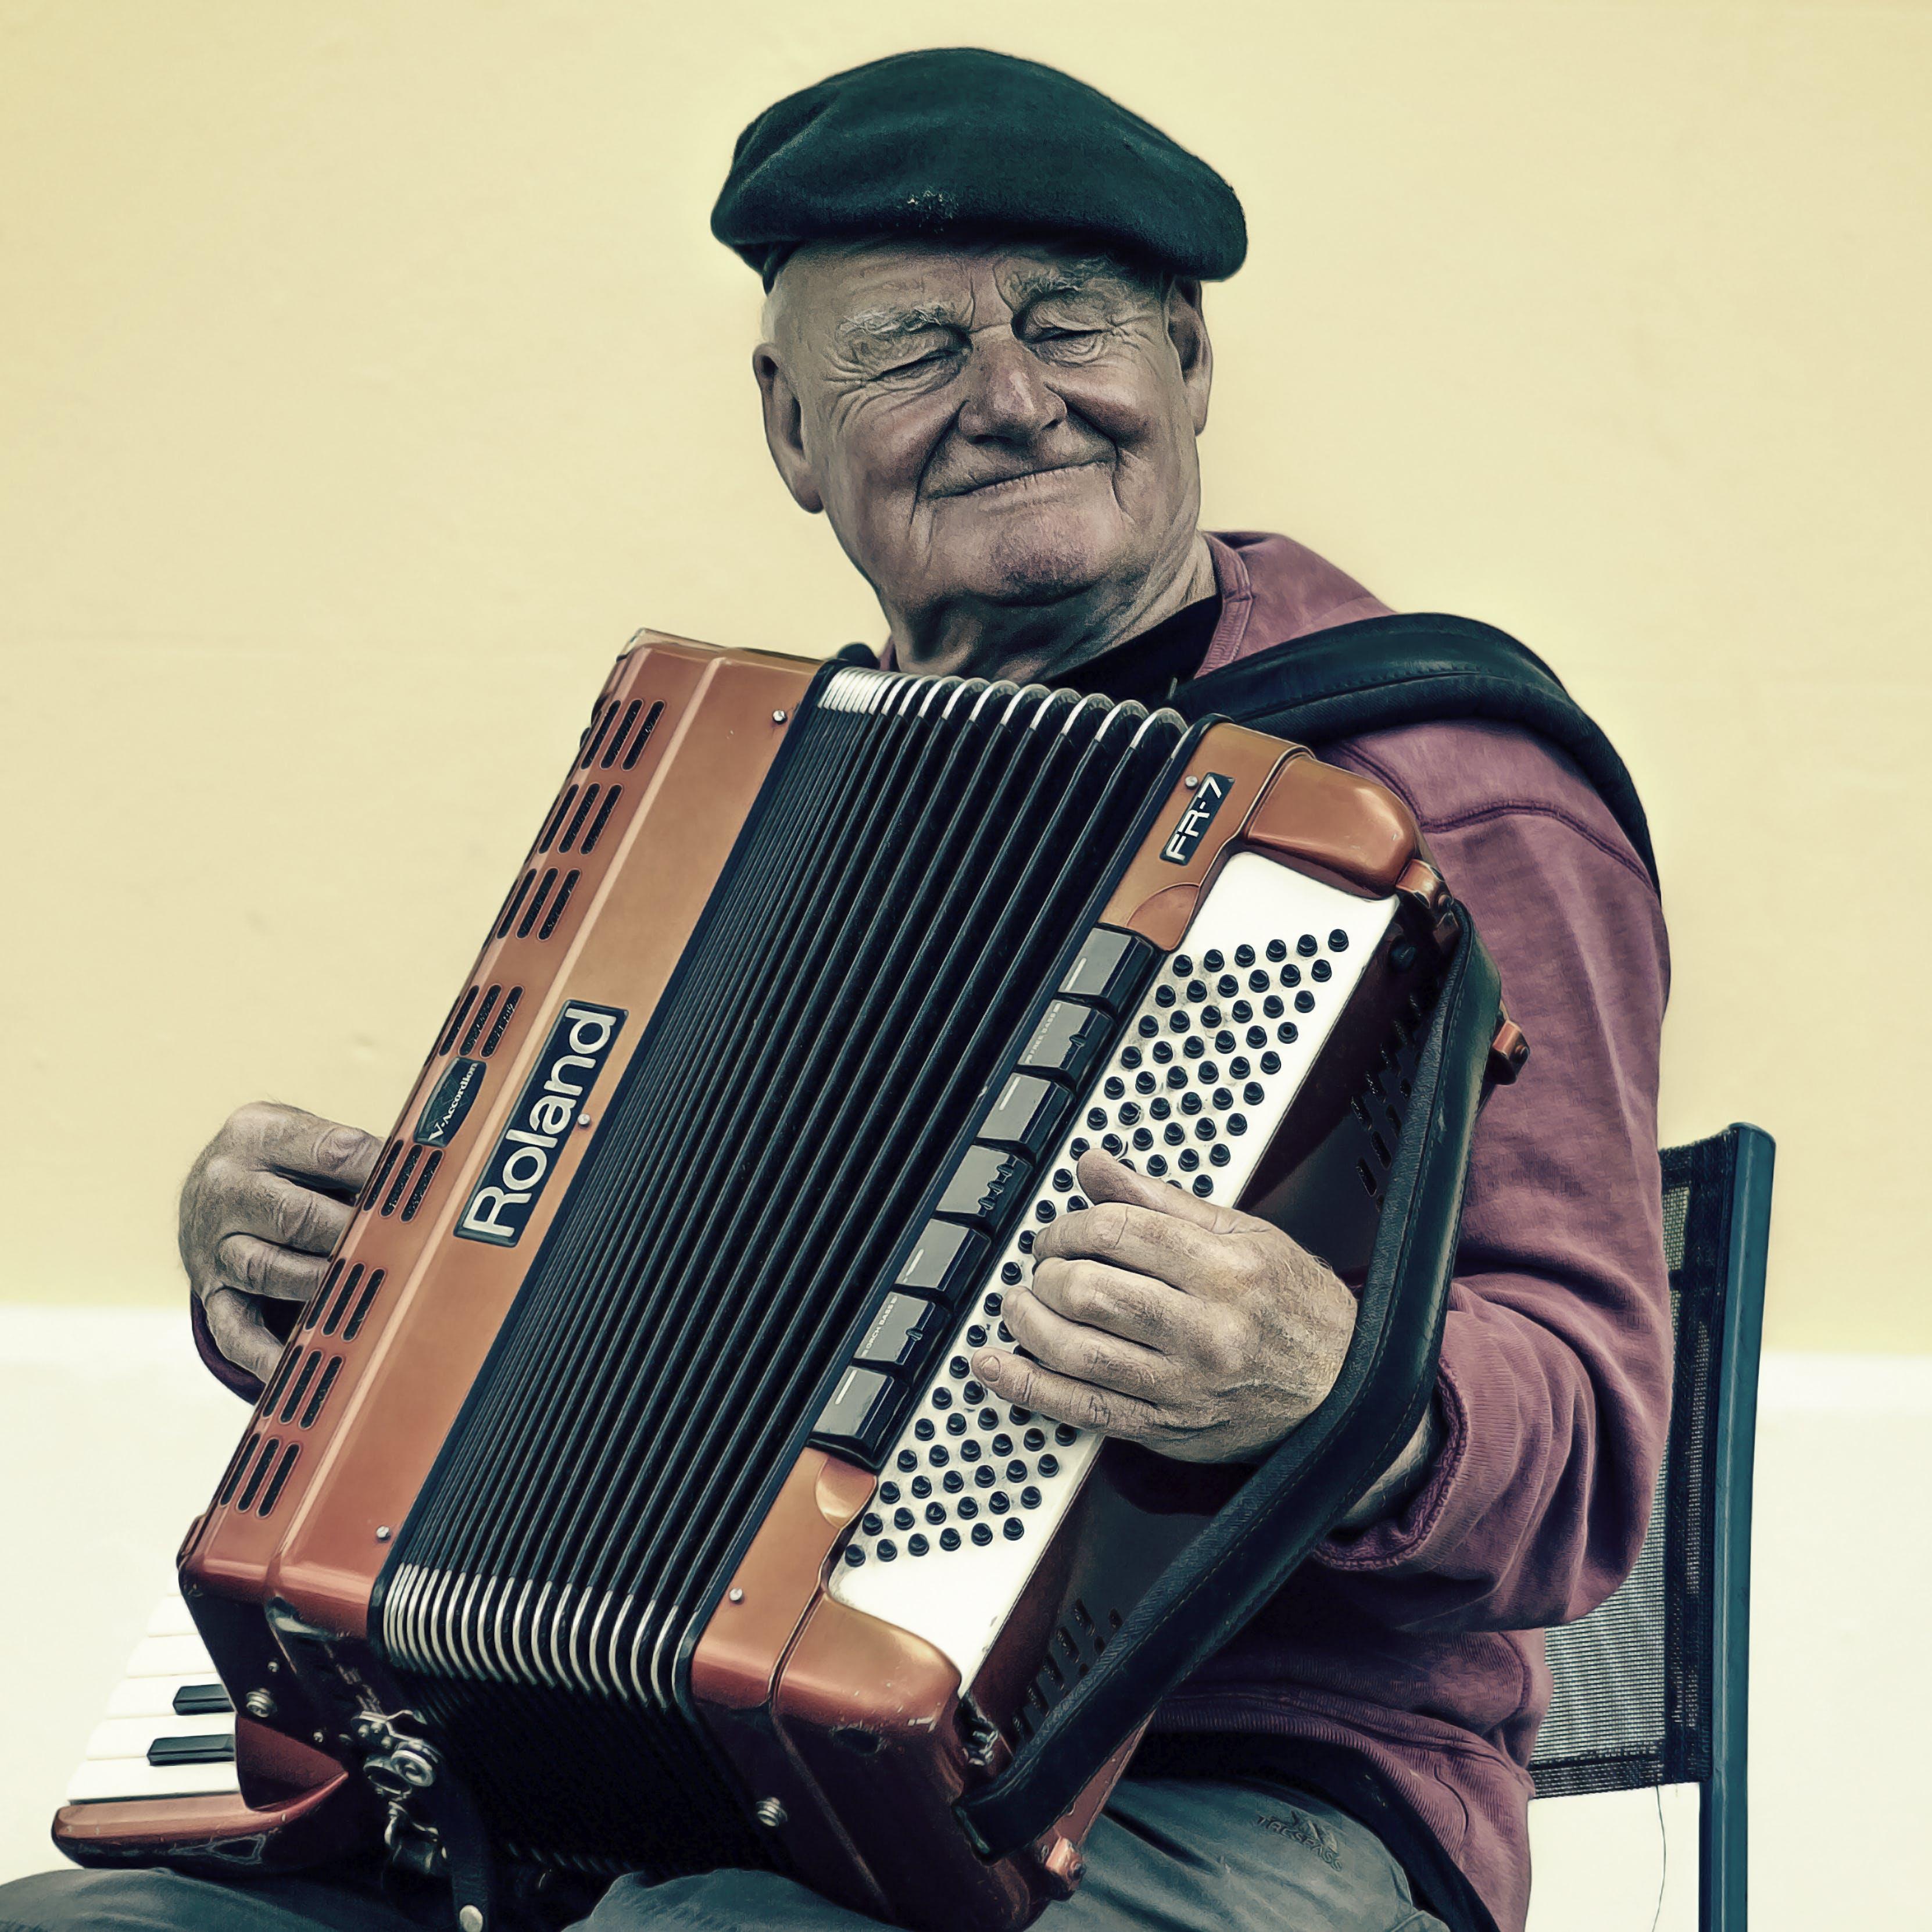 eldre, mann, musiker